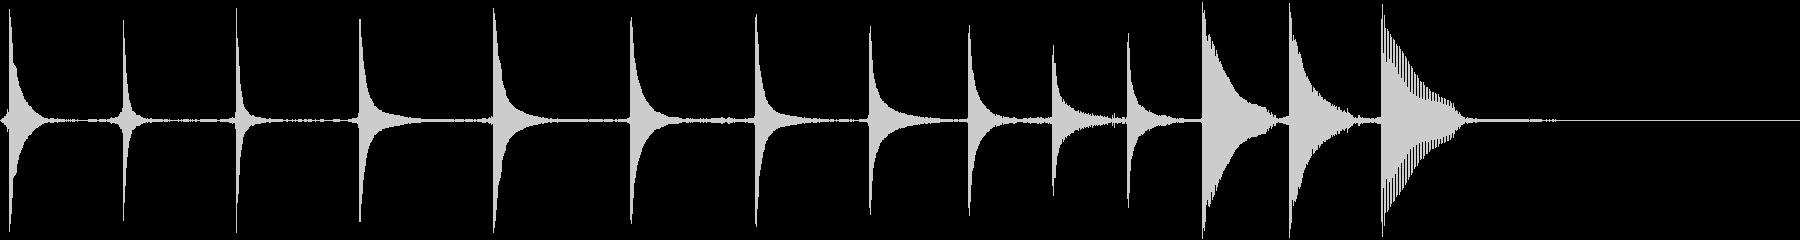 エレキギター:ミュートタンブルダウ...の未再生の波形